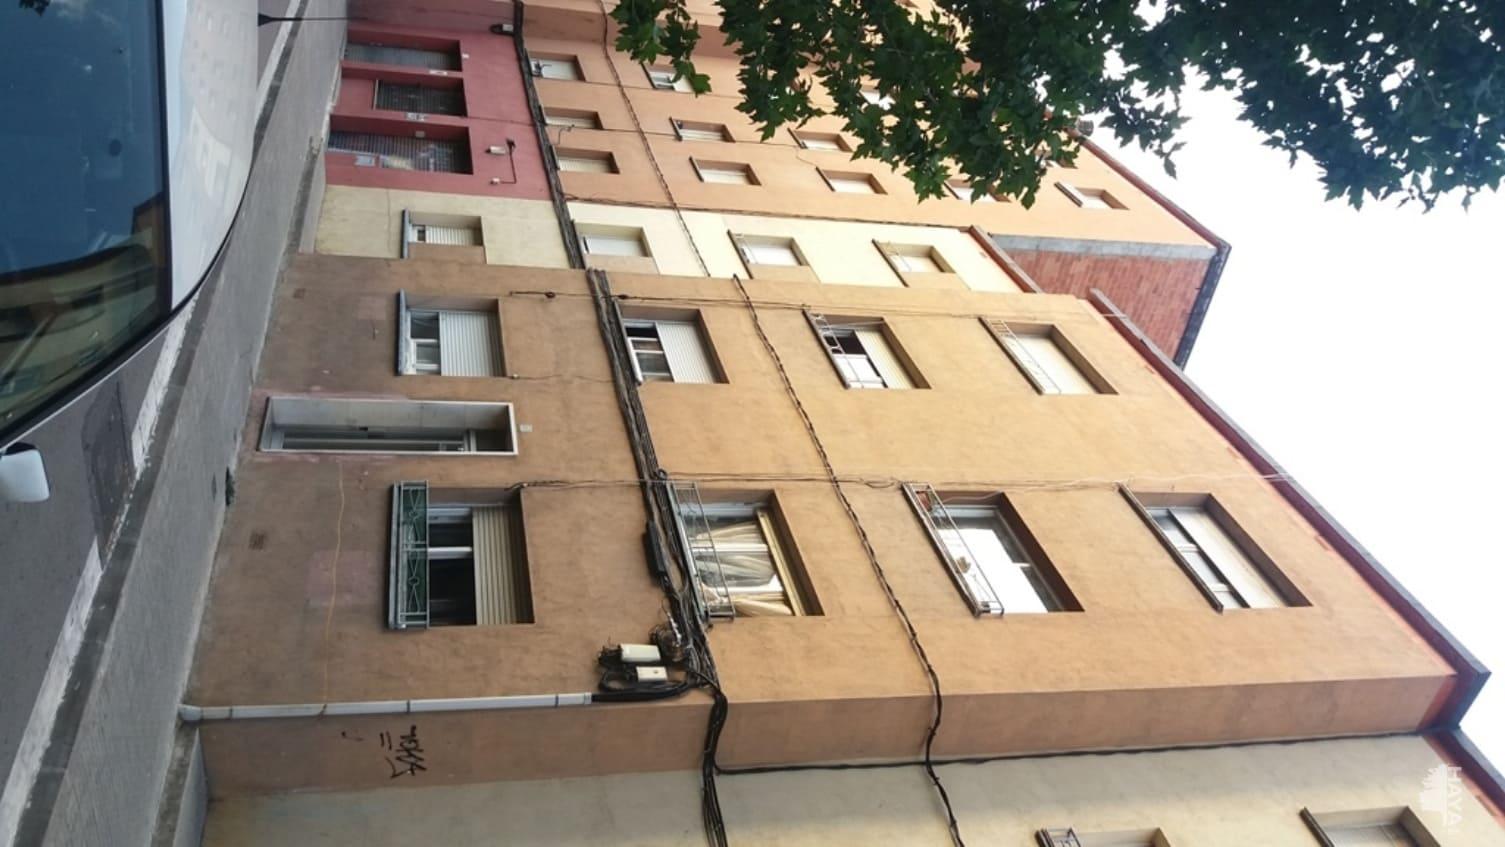 Piso en venta en Salt, Girona, Calle Doctor Ferran, 87.622 €, 3 habitaciones, 2 baños, 77 m2